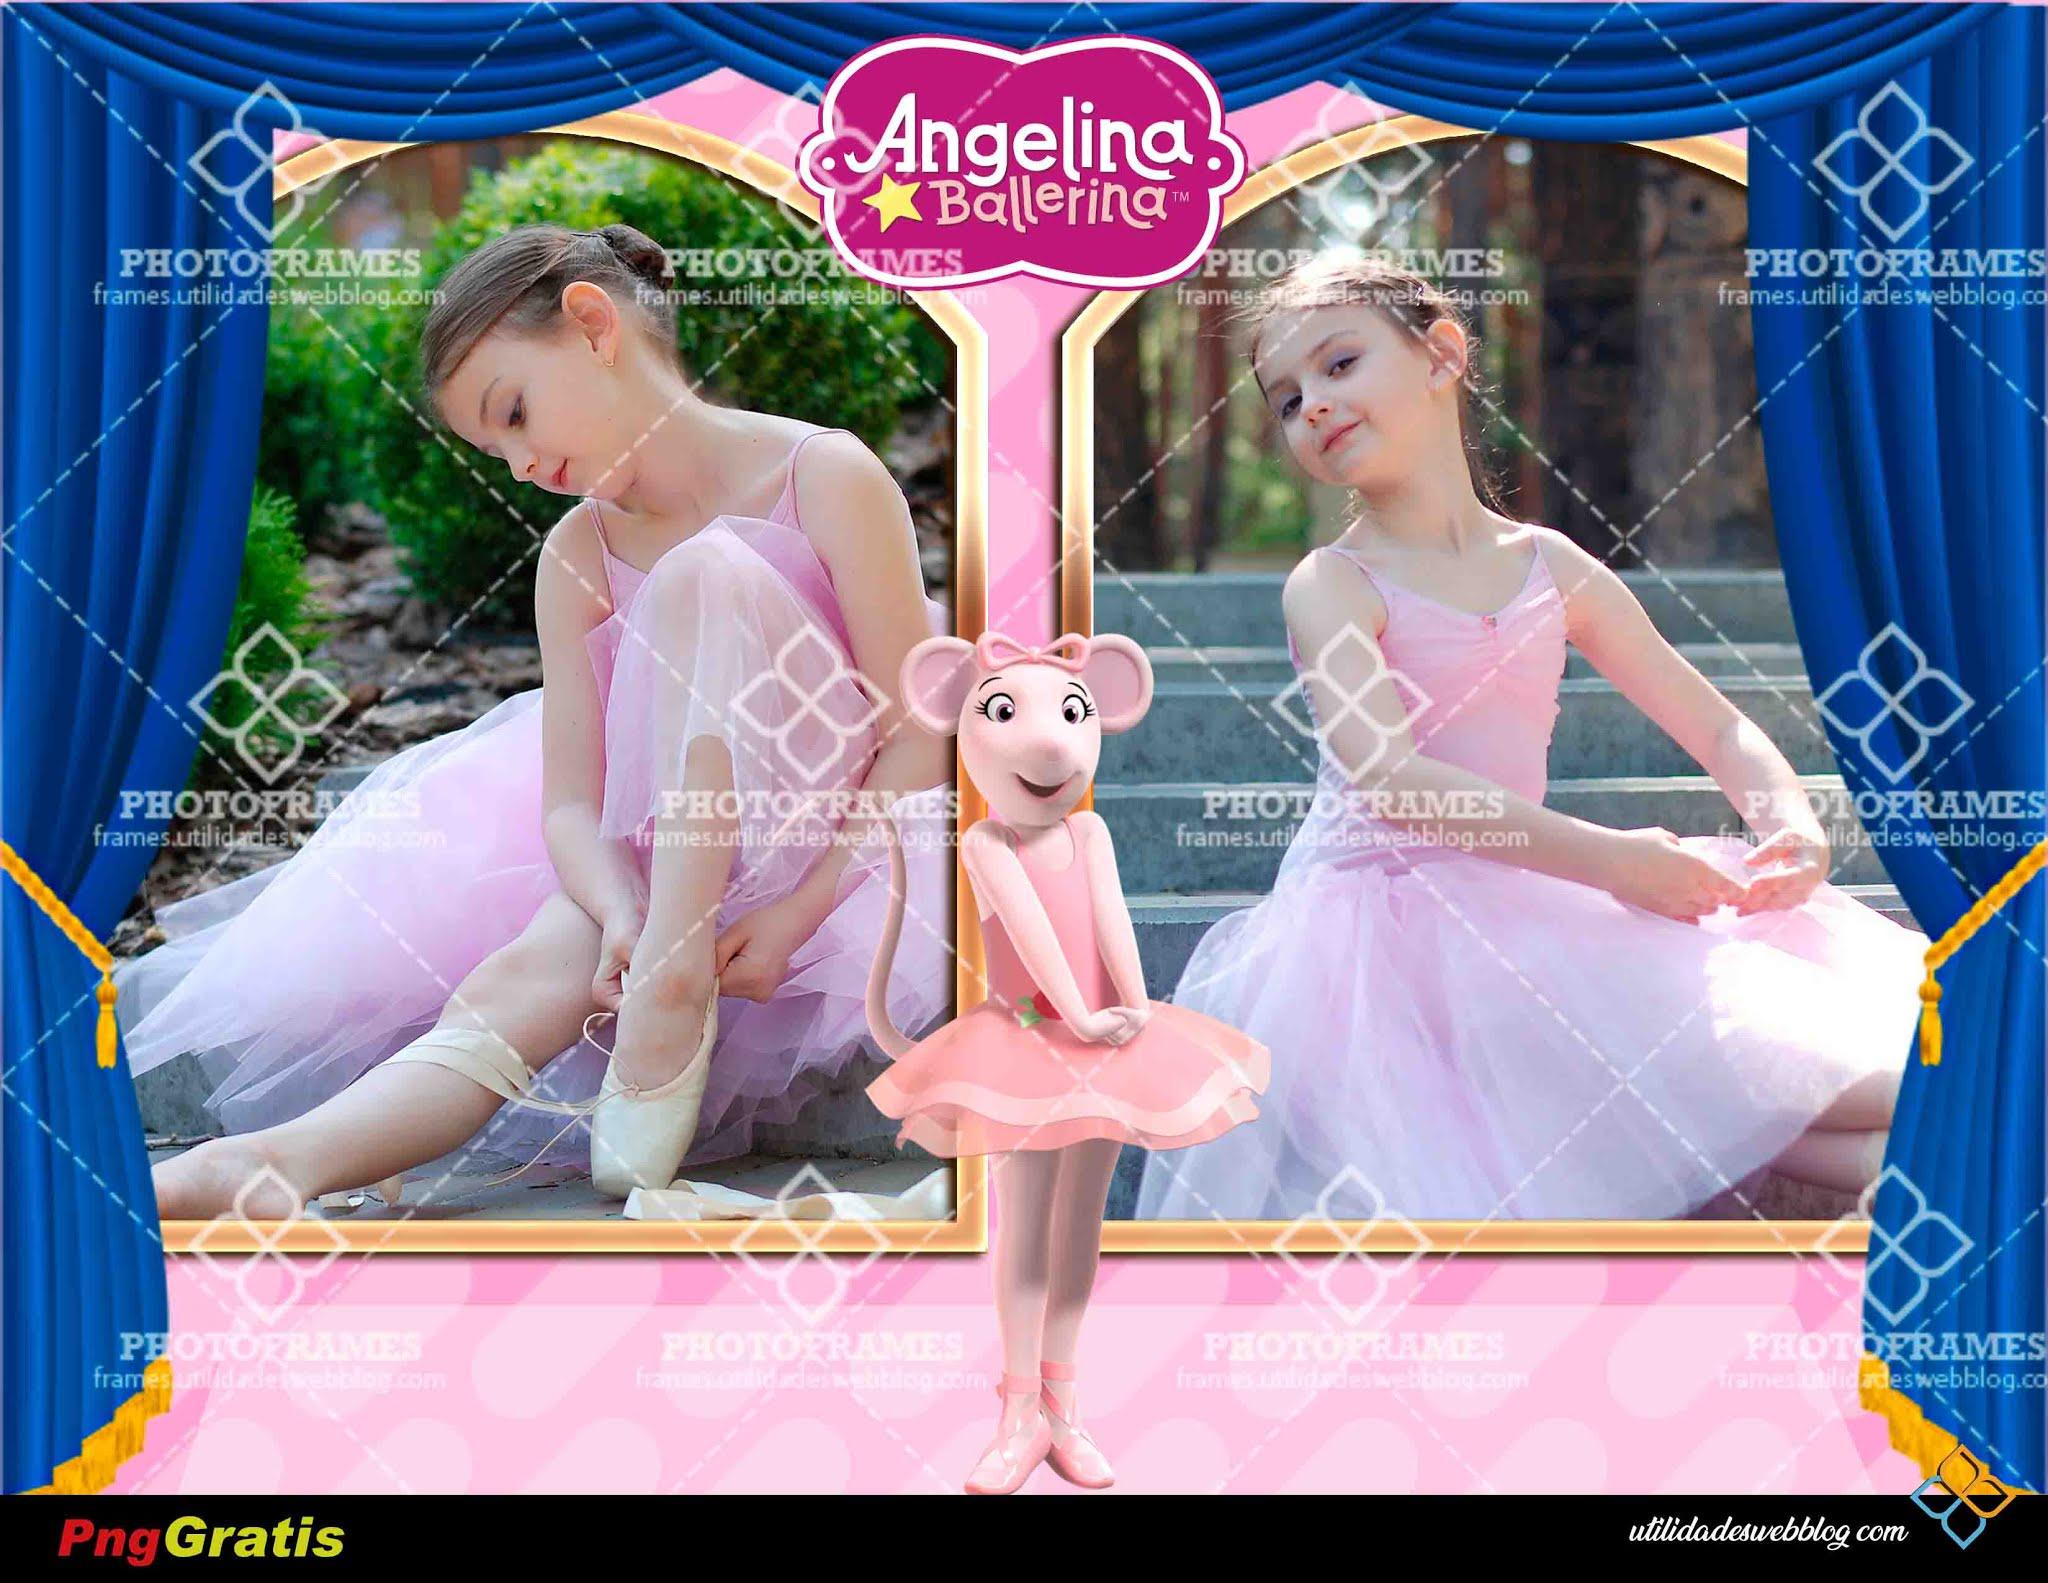 marco para fotos de bailarinas con Angelina Ballerina